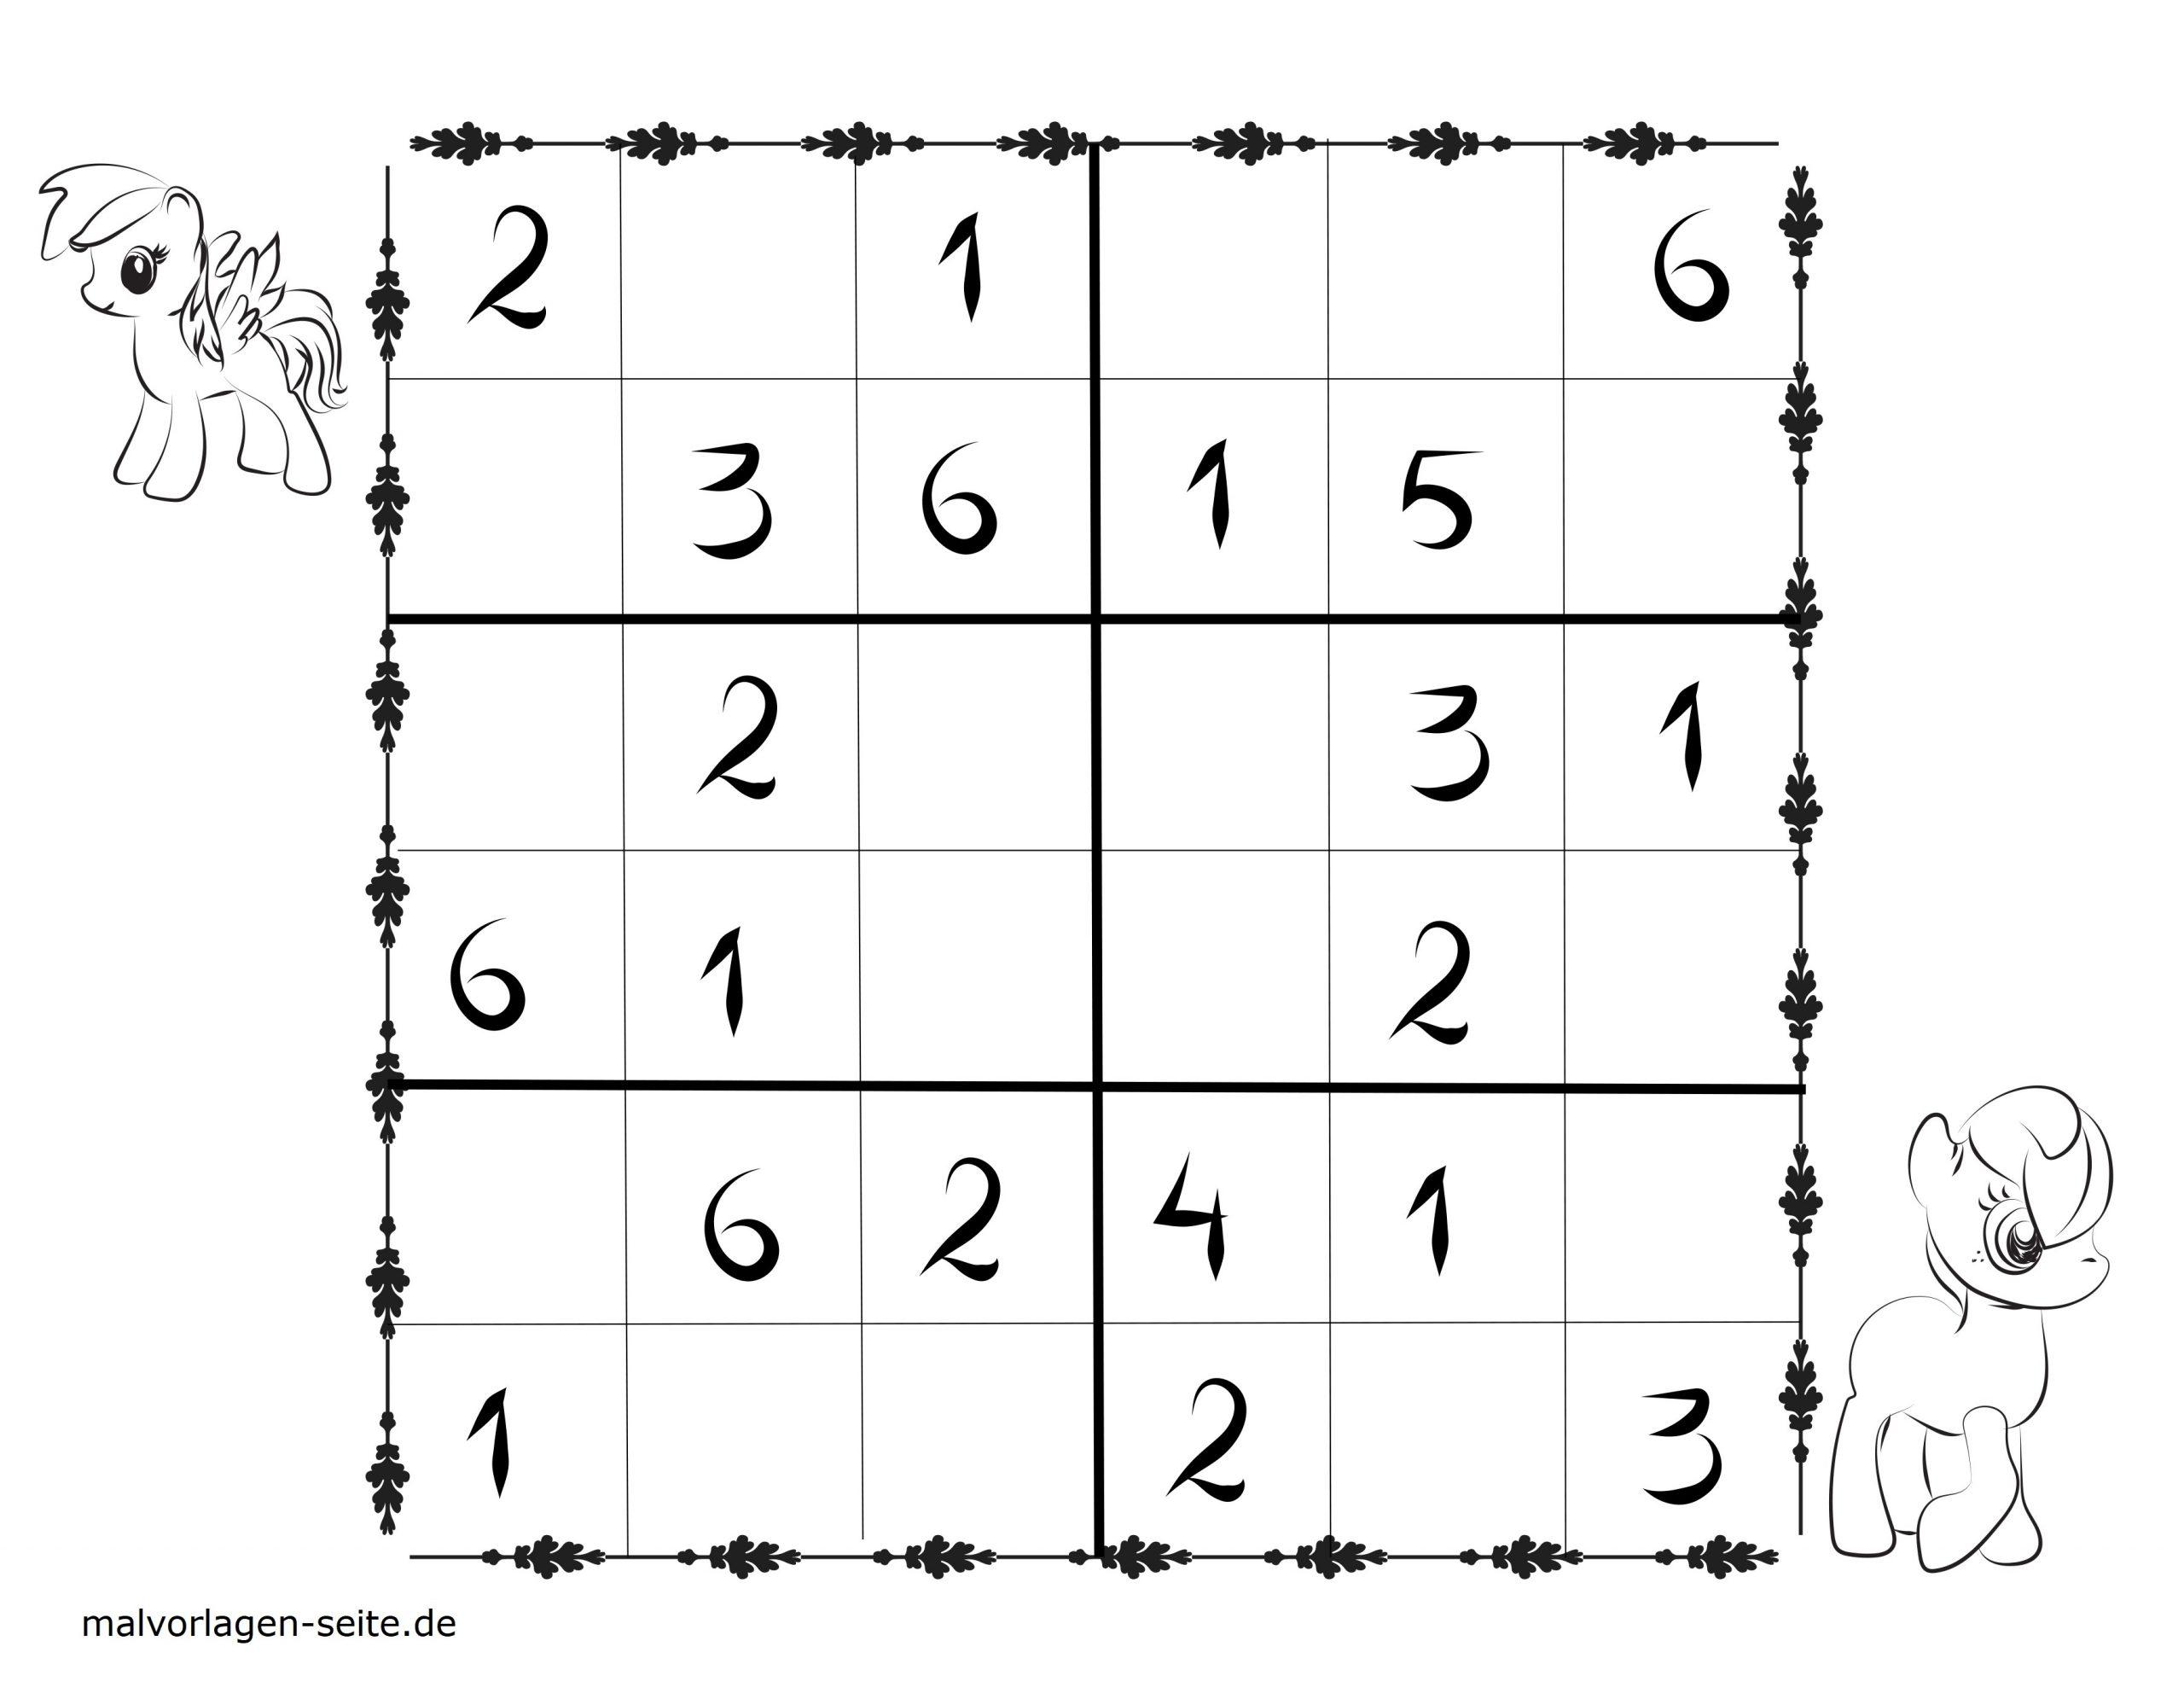 Sudoku Vorlagen Für Kinder 6X6 Kostenlos Herunterladen Und mit Sudoku Kostenlos Drucken Schwer